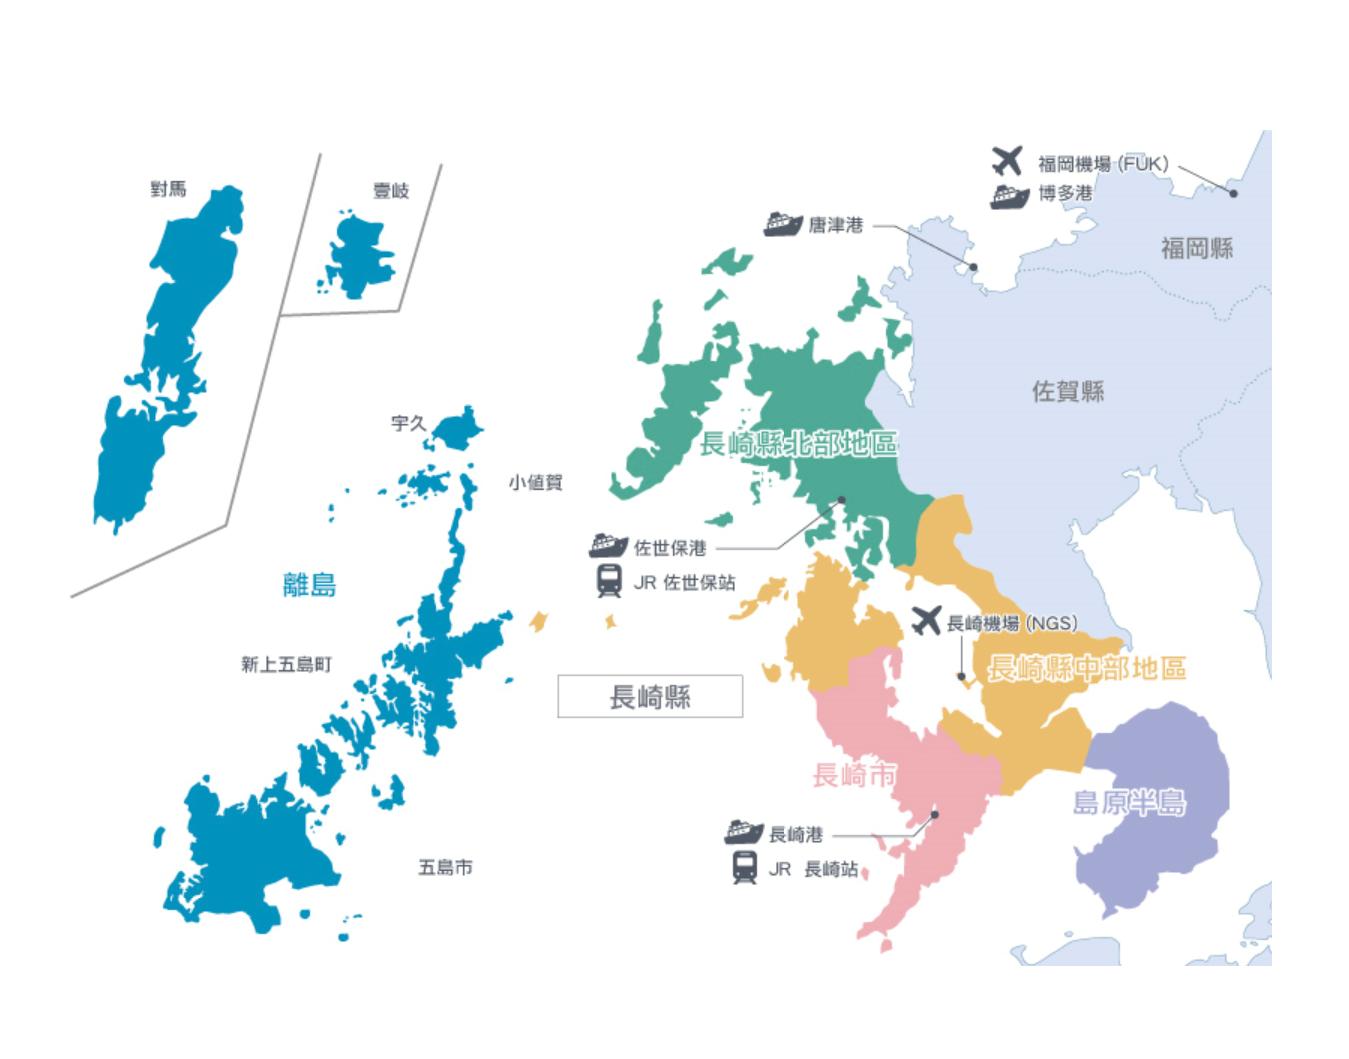 長崎縣周邊的主要港口、車站、機場-0